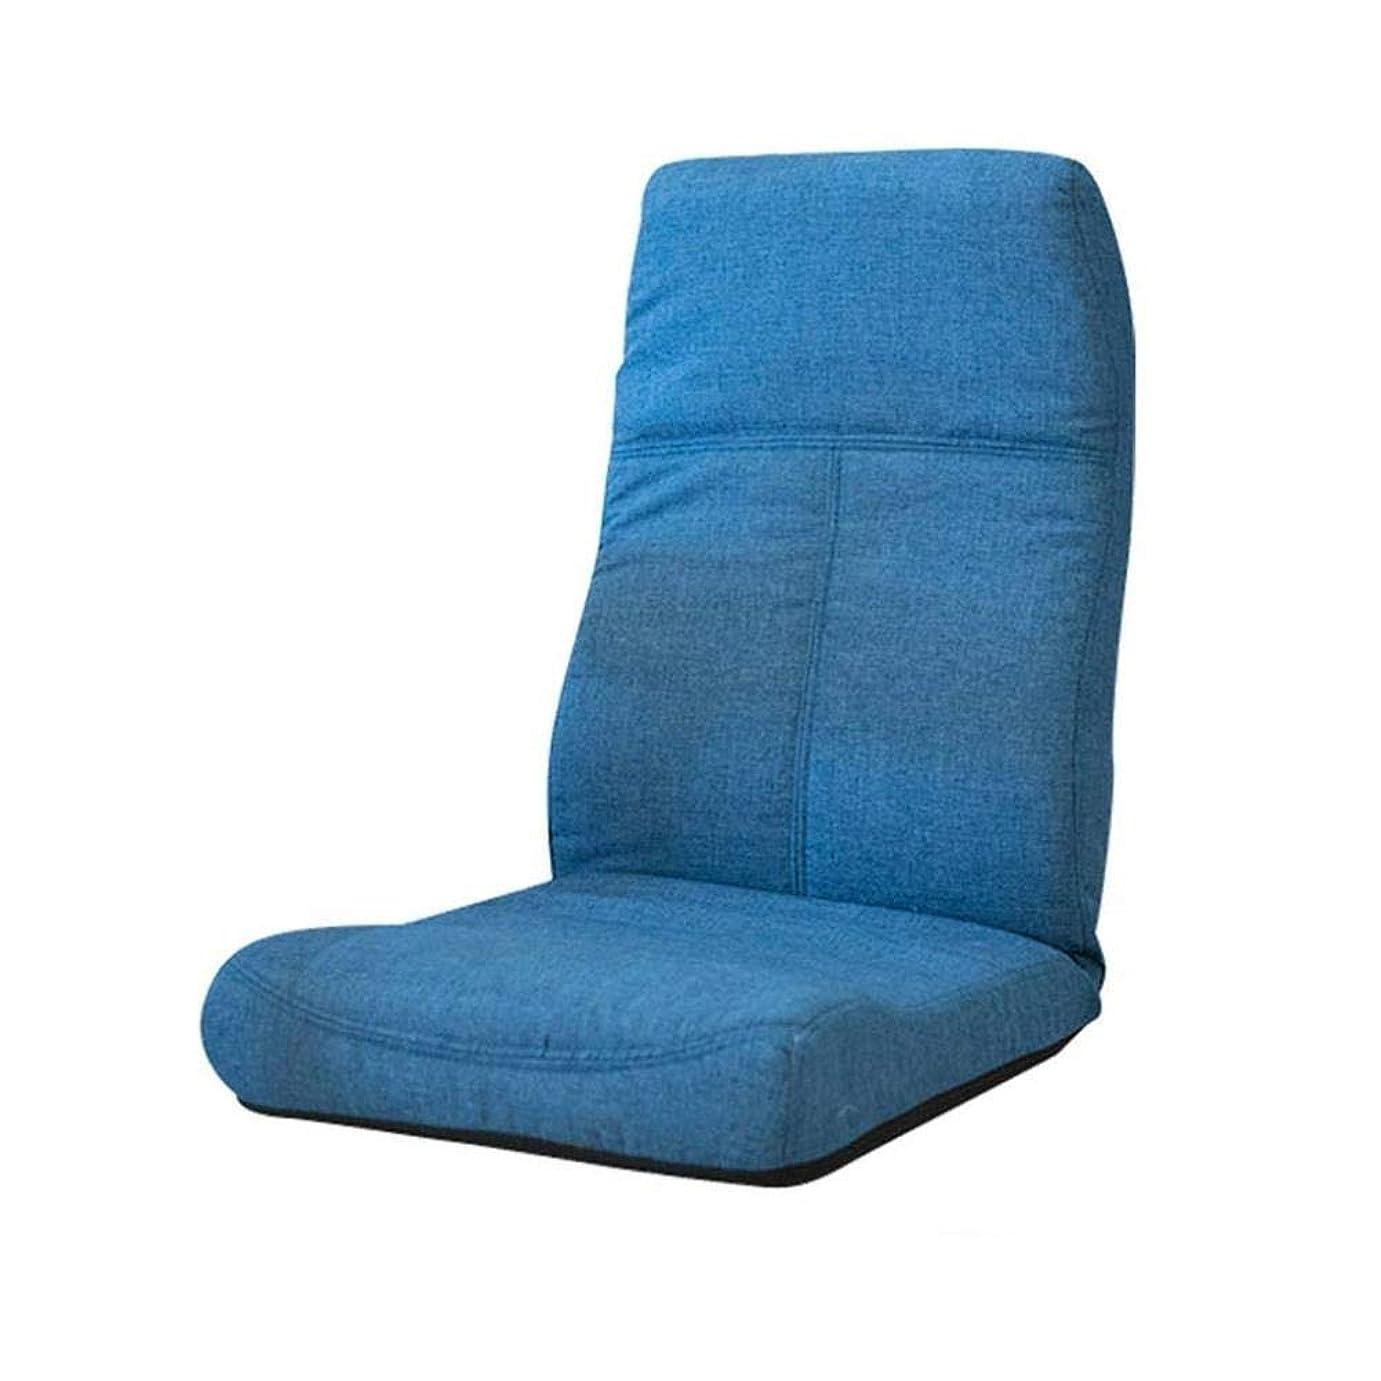 成熟セットアップ手伝う瞑想の椅子、座るソファー、折りたたみ畳の床、折り畳み式の洗える増粘、バルコニーの寝室のコンピュータークッションブルー